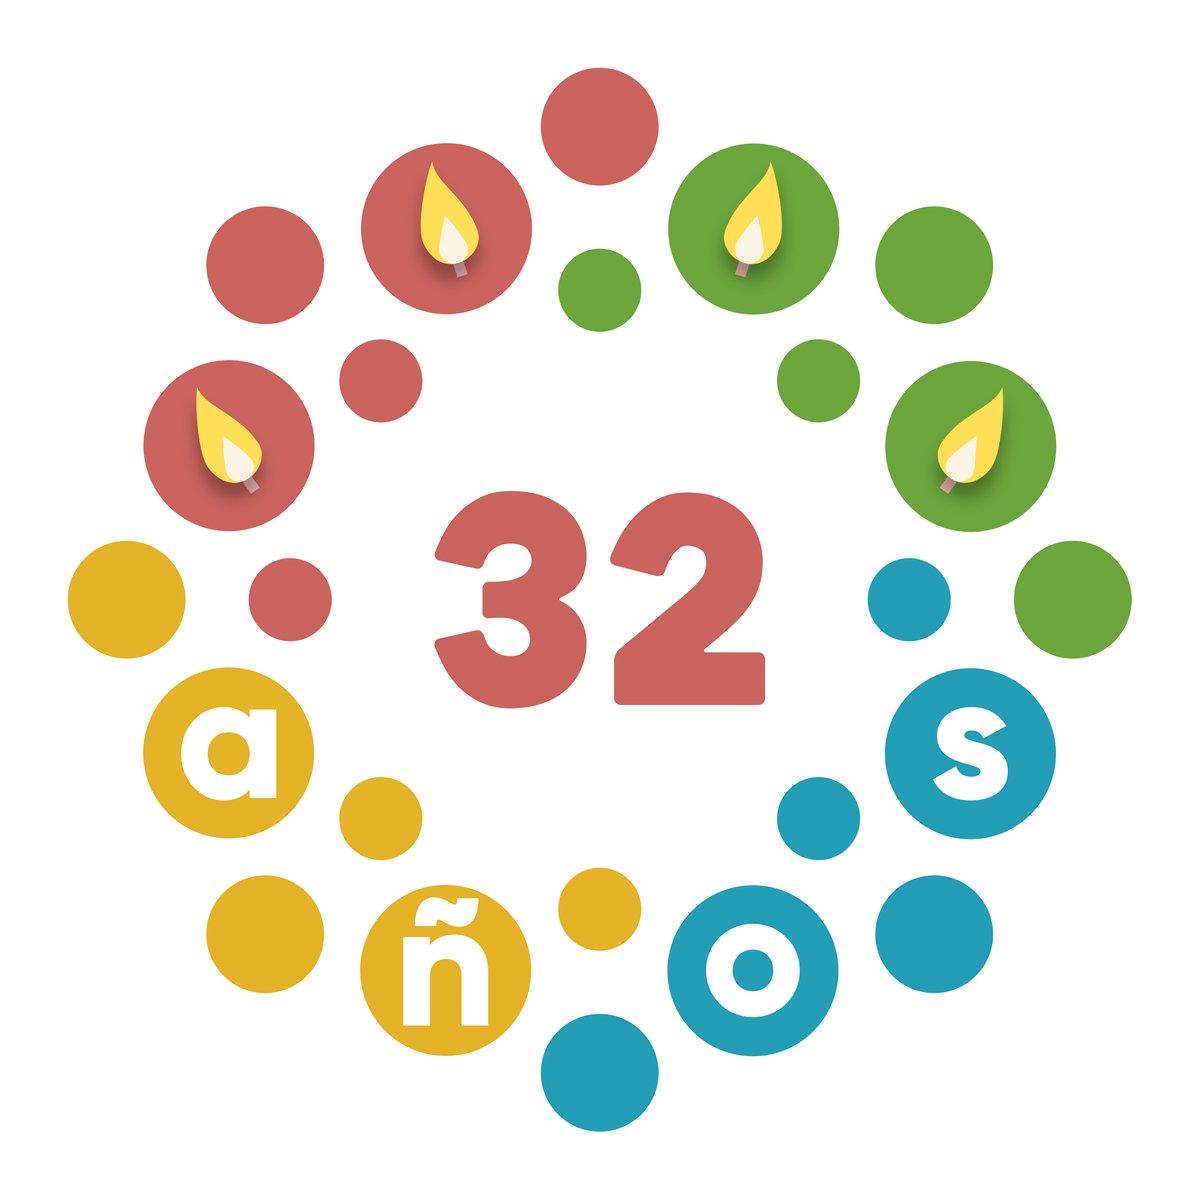 ¡En Julio, celebramos 32 años de existencia! #Telepacífico32Años https://t.co/Ul0hMN4ySh